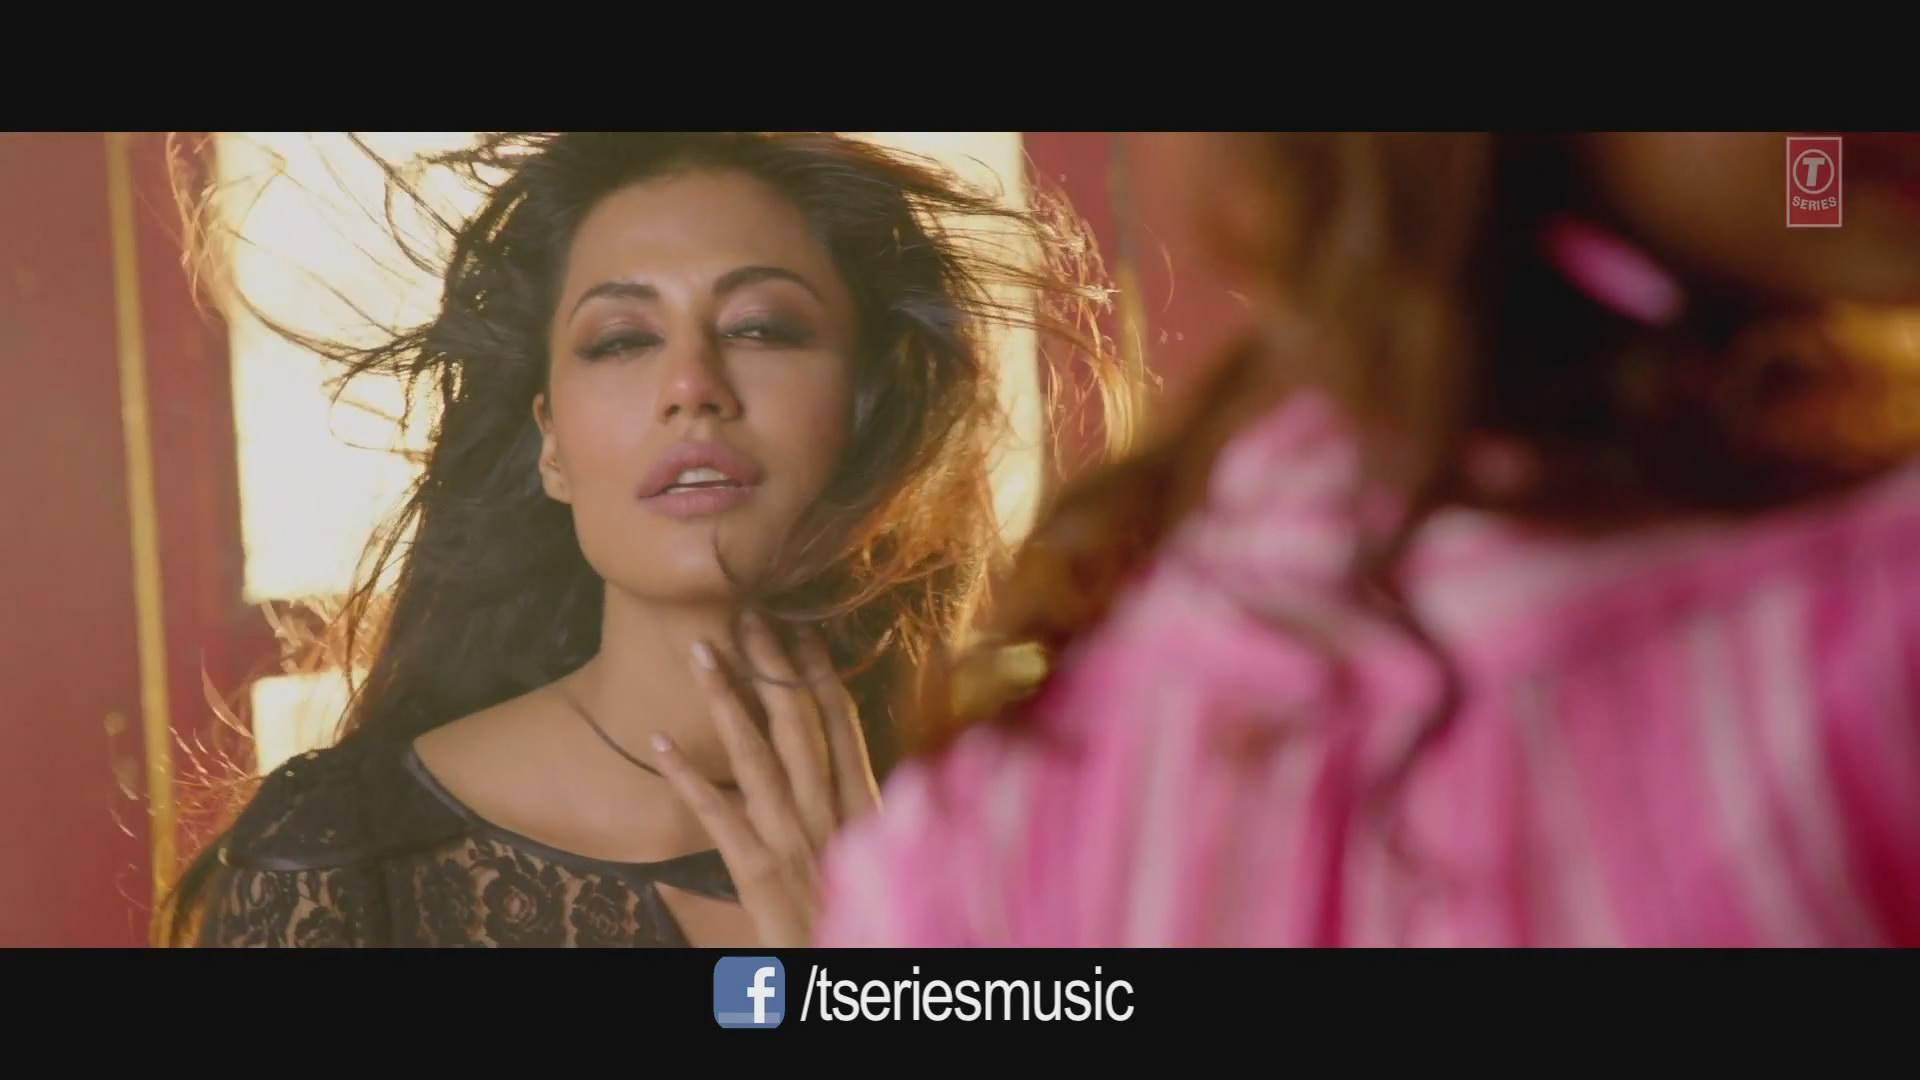 Na Jaane Kahan Se Aaya Hai Mp3 Free MP3